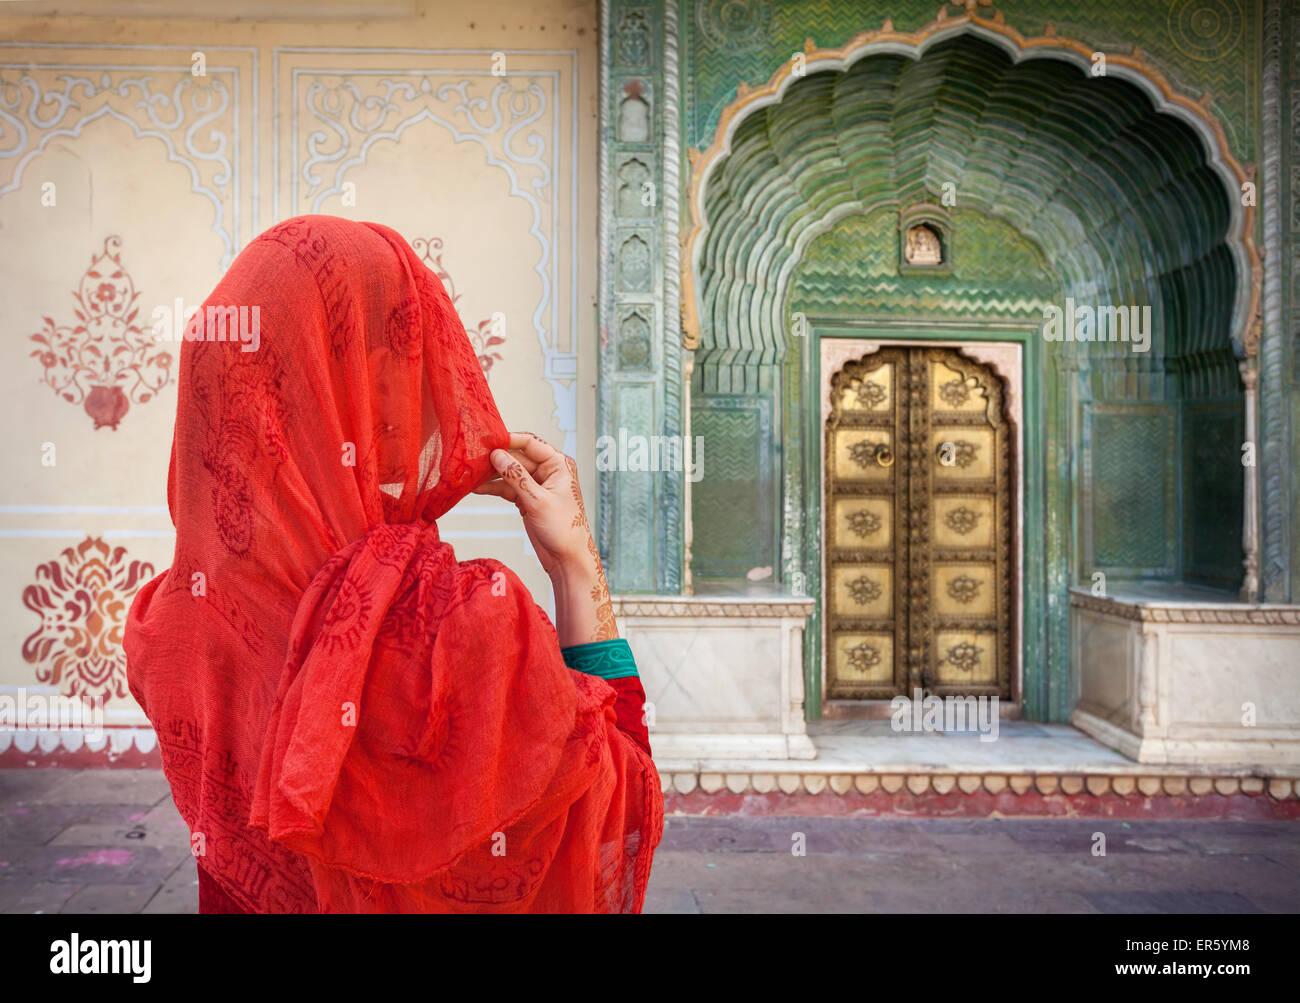 Mujer de pañuelo rojo mirando a puerta puerta verde en el Palacio de la ciudad de Jaipur, Rajasthan, India Imagen De Stock